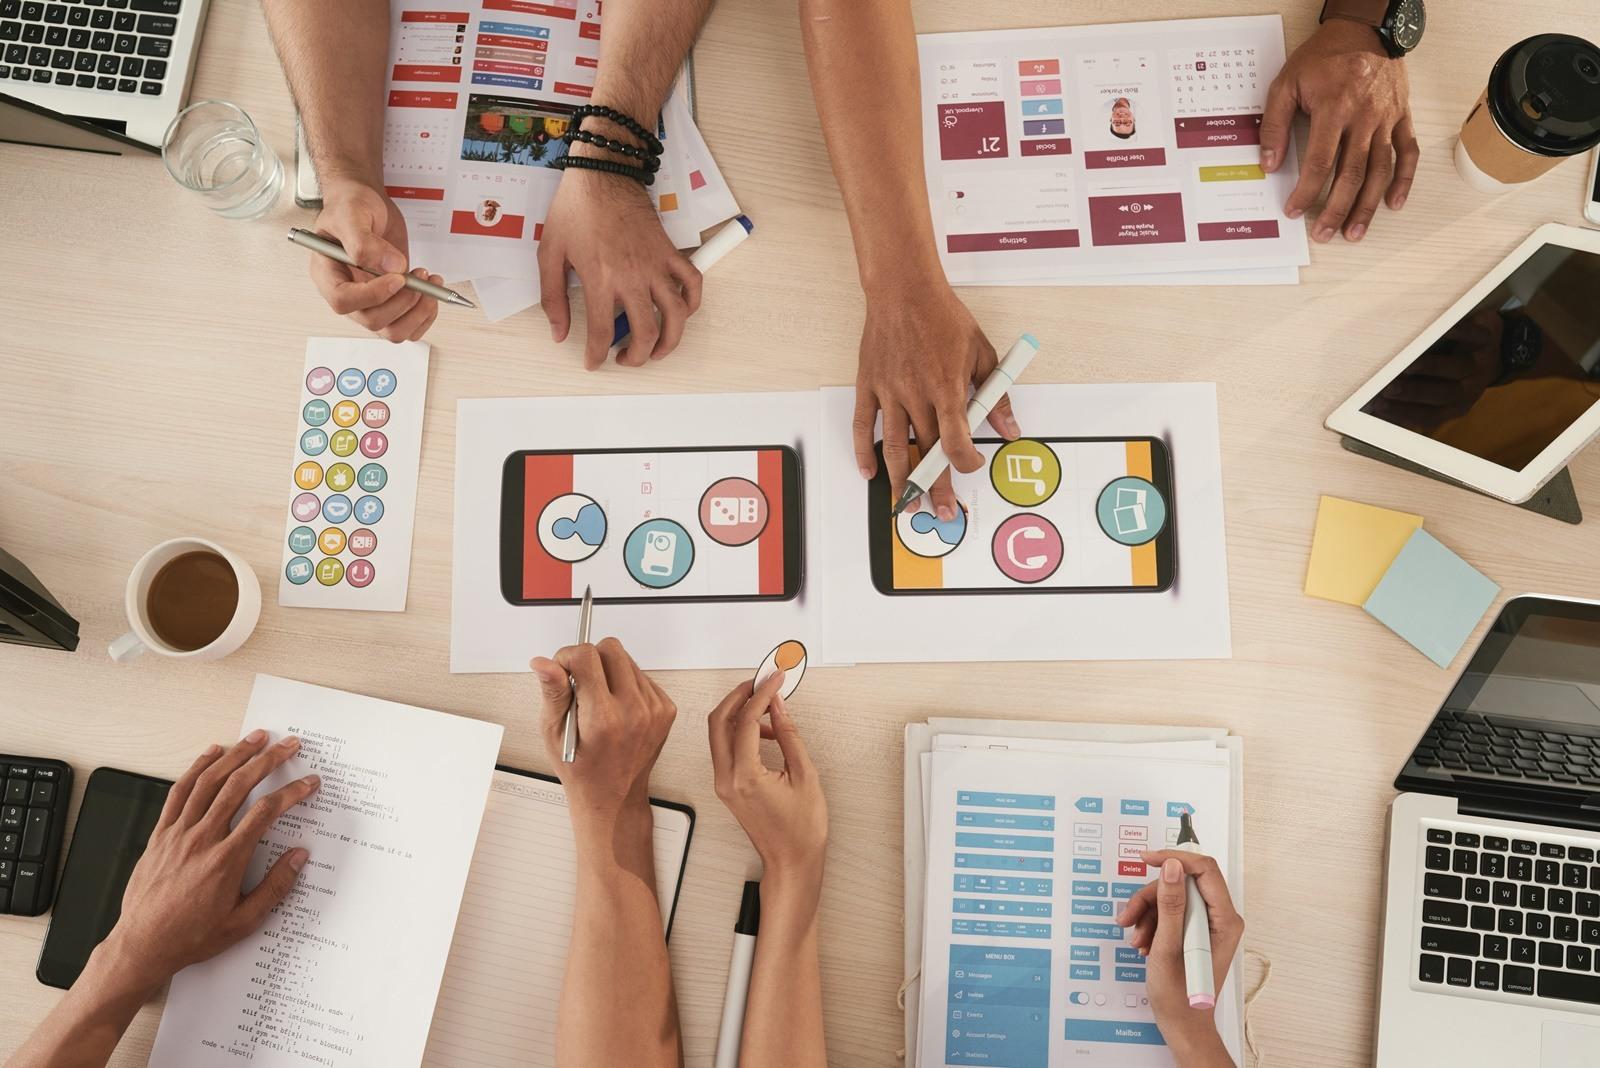 5 วิธีที่จะทำให้เว็บไซต์ธุรกิจขนาดเล็กมีผู้เข้าชมมากขึ้น